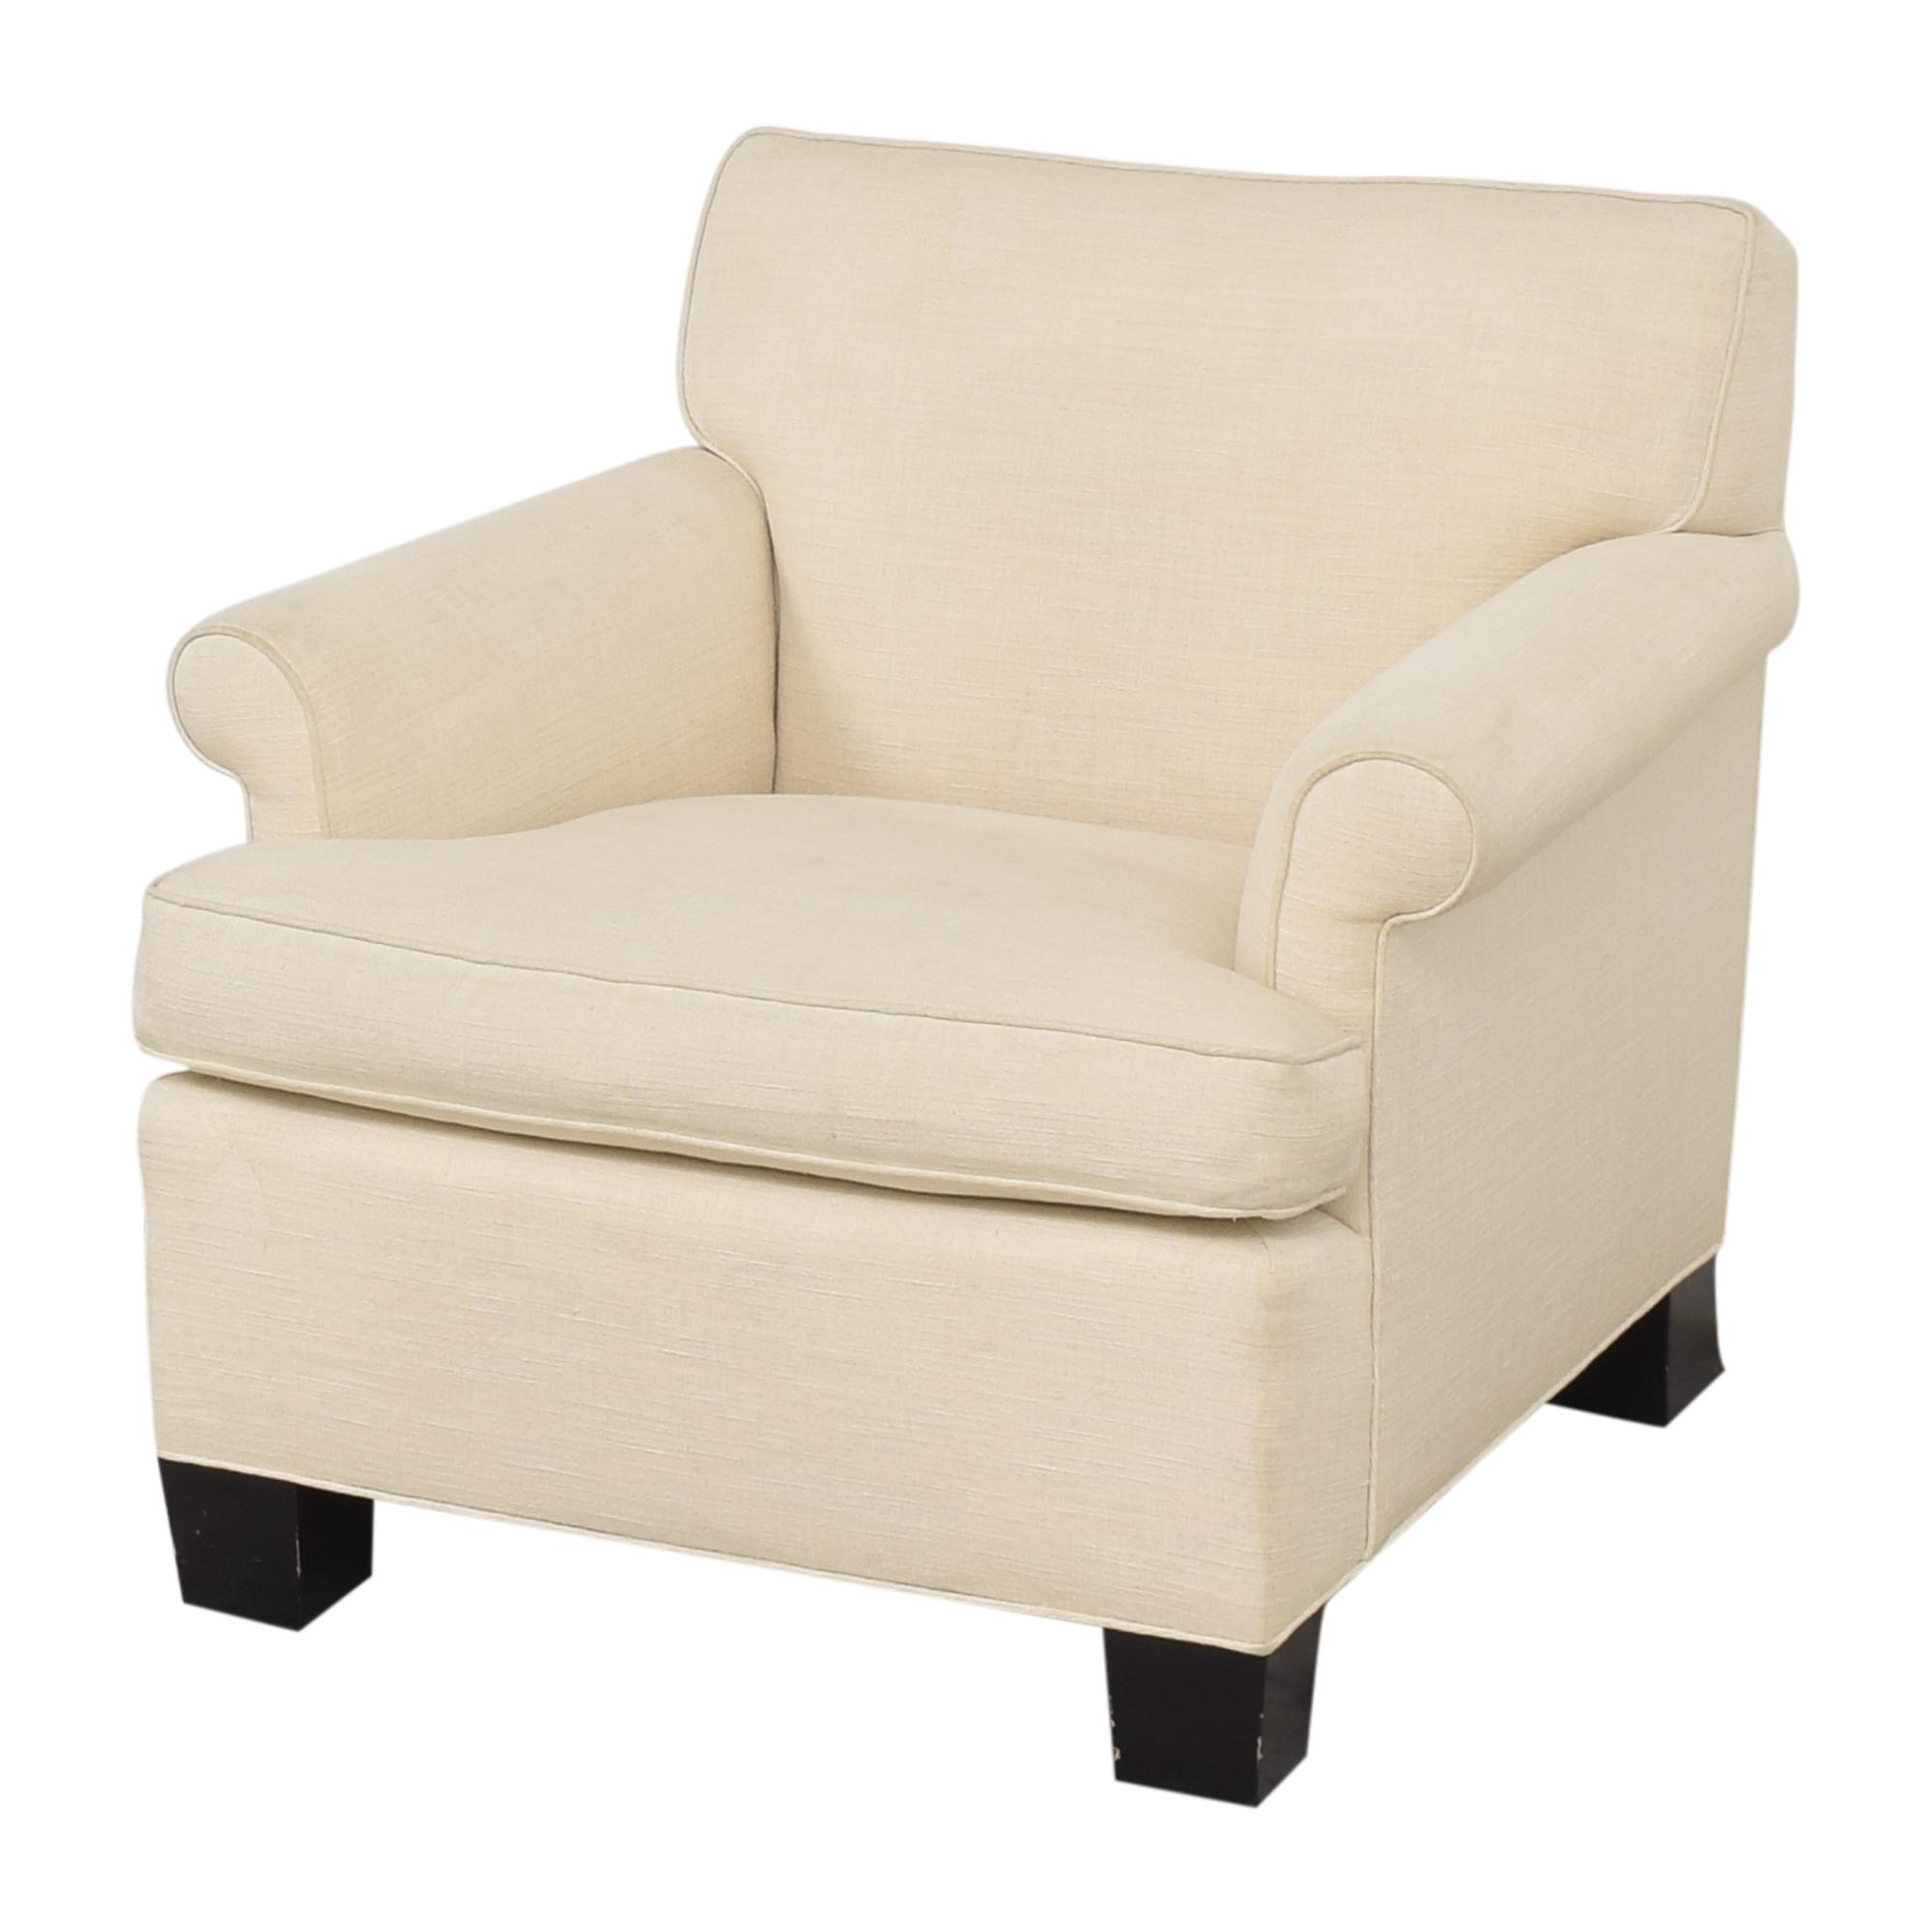 shop Brunschwig & Fils Custom Odom Chair Brunschwig & Fils Accent Chairs